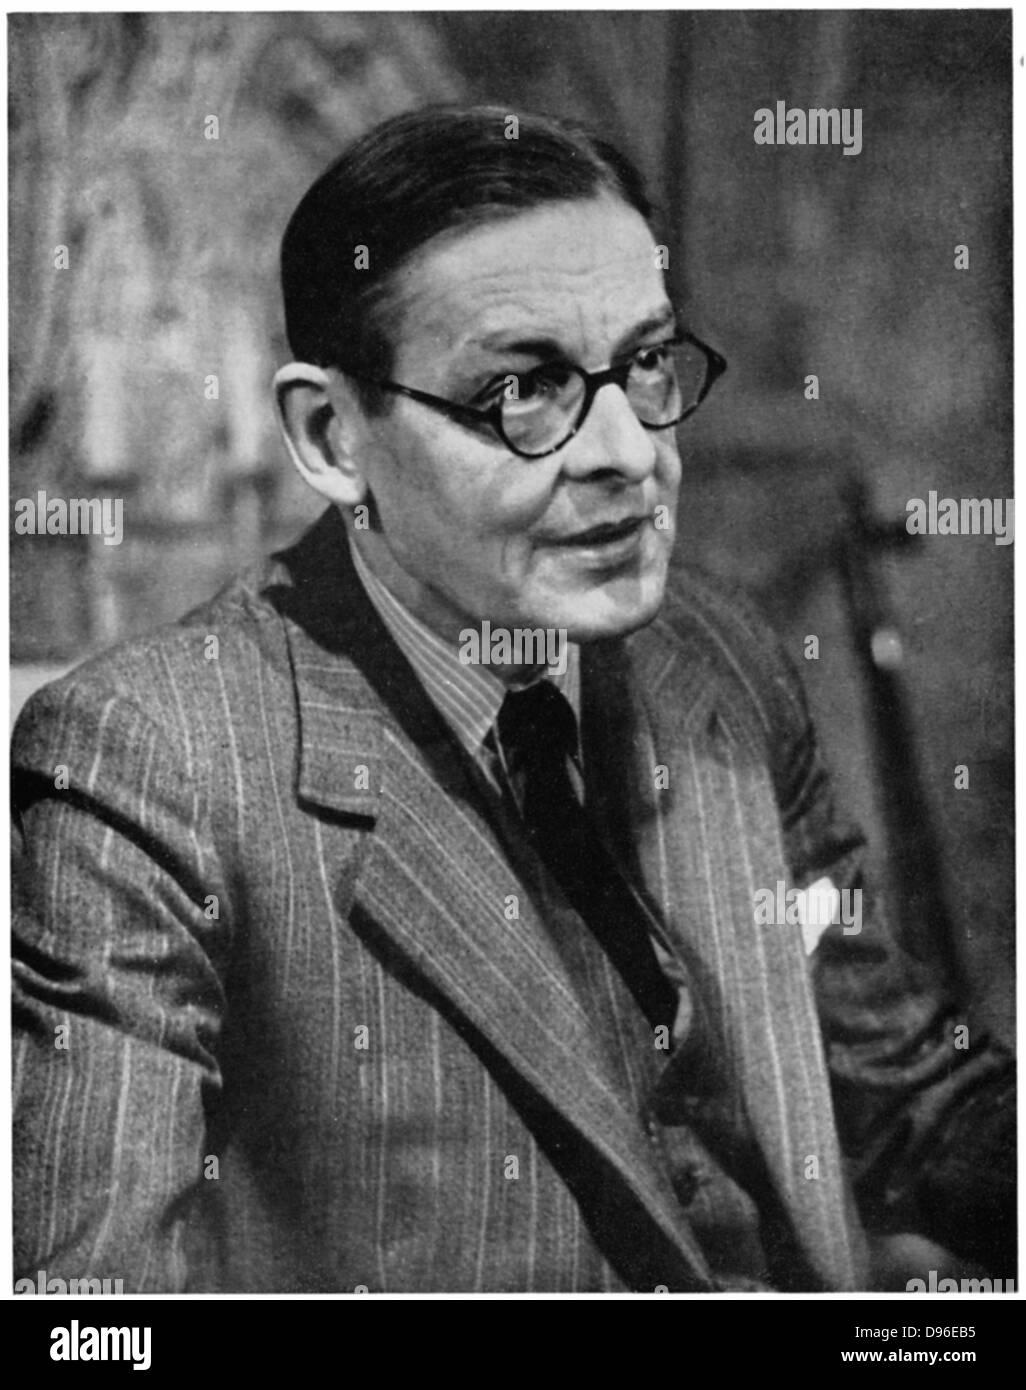 Thomas Stearns (TS) Eliot (1888-1965), poeta británico americano nacido el dramaturgo y crítico. Imagen De Stock